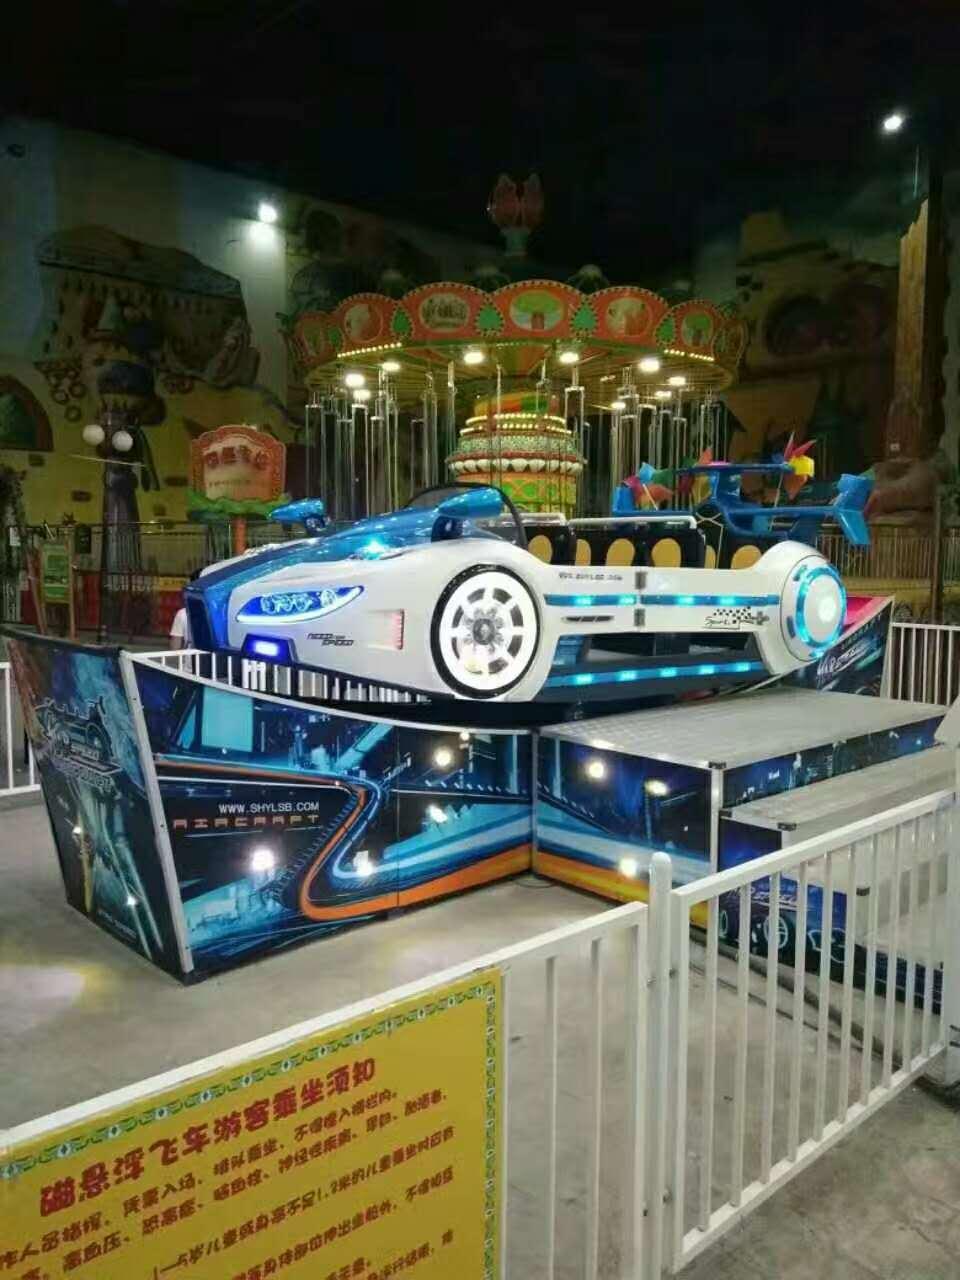 欢乐飞车儿童游乐设备 厂家直销新型霹雳飞车 郑州大洋生产厂家示例图5